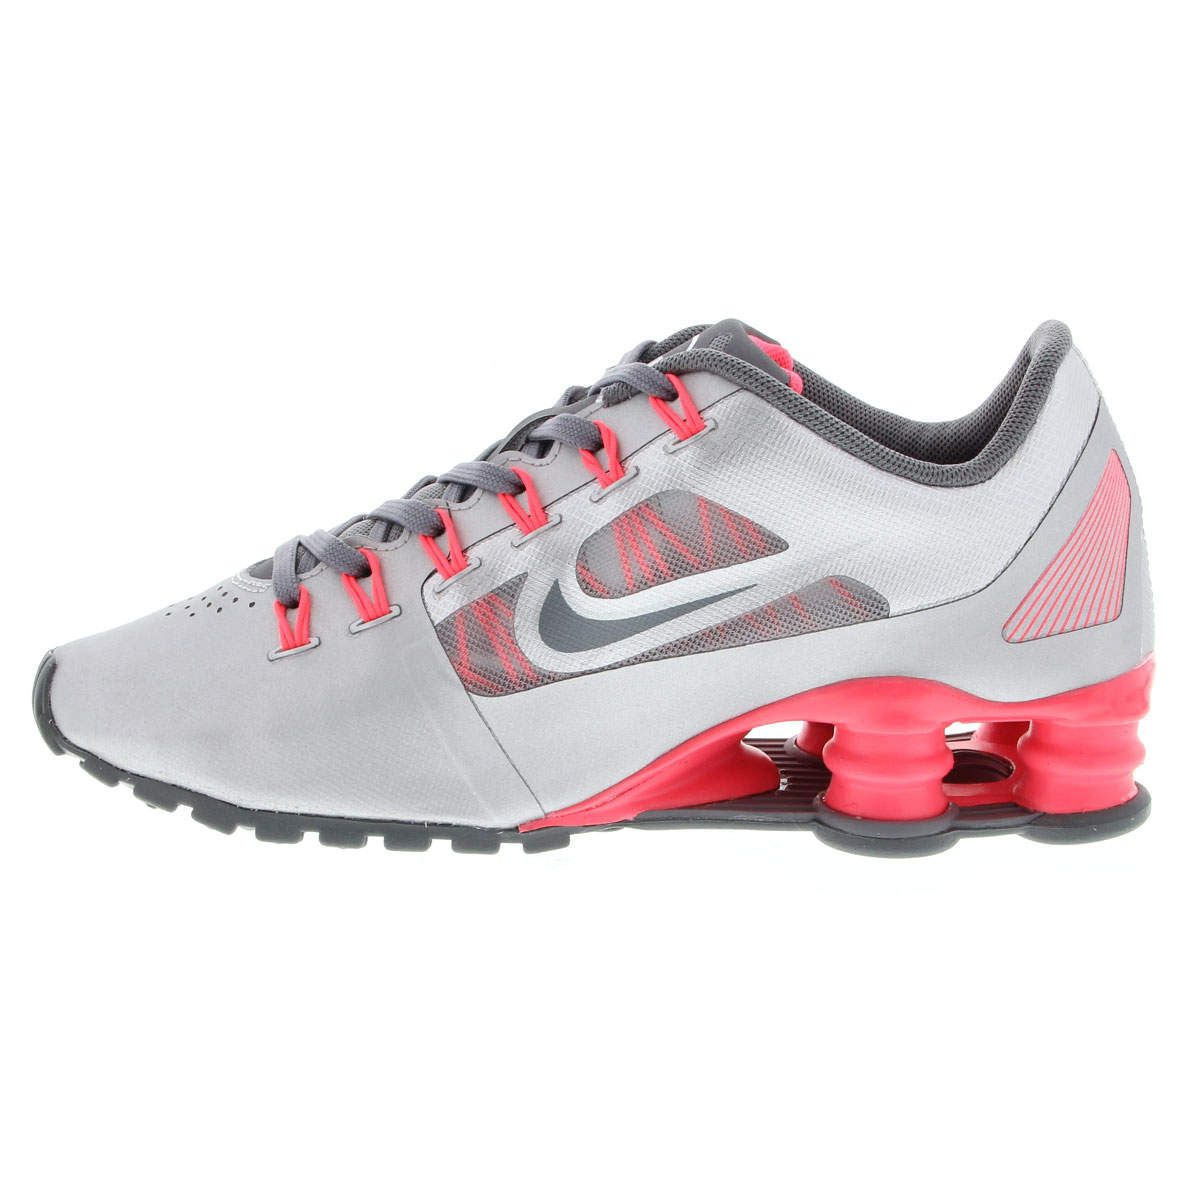 4802699ad927 ... Tenis Nike Shox Superfly R4 - Feminino ...